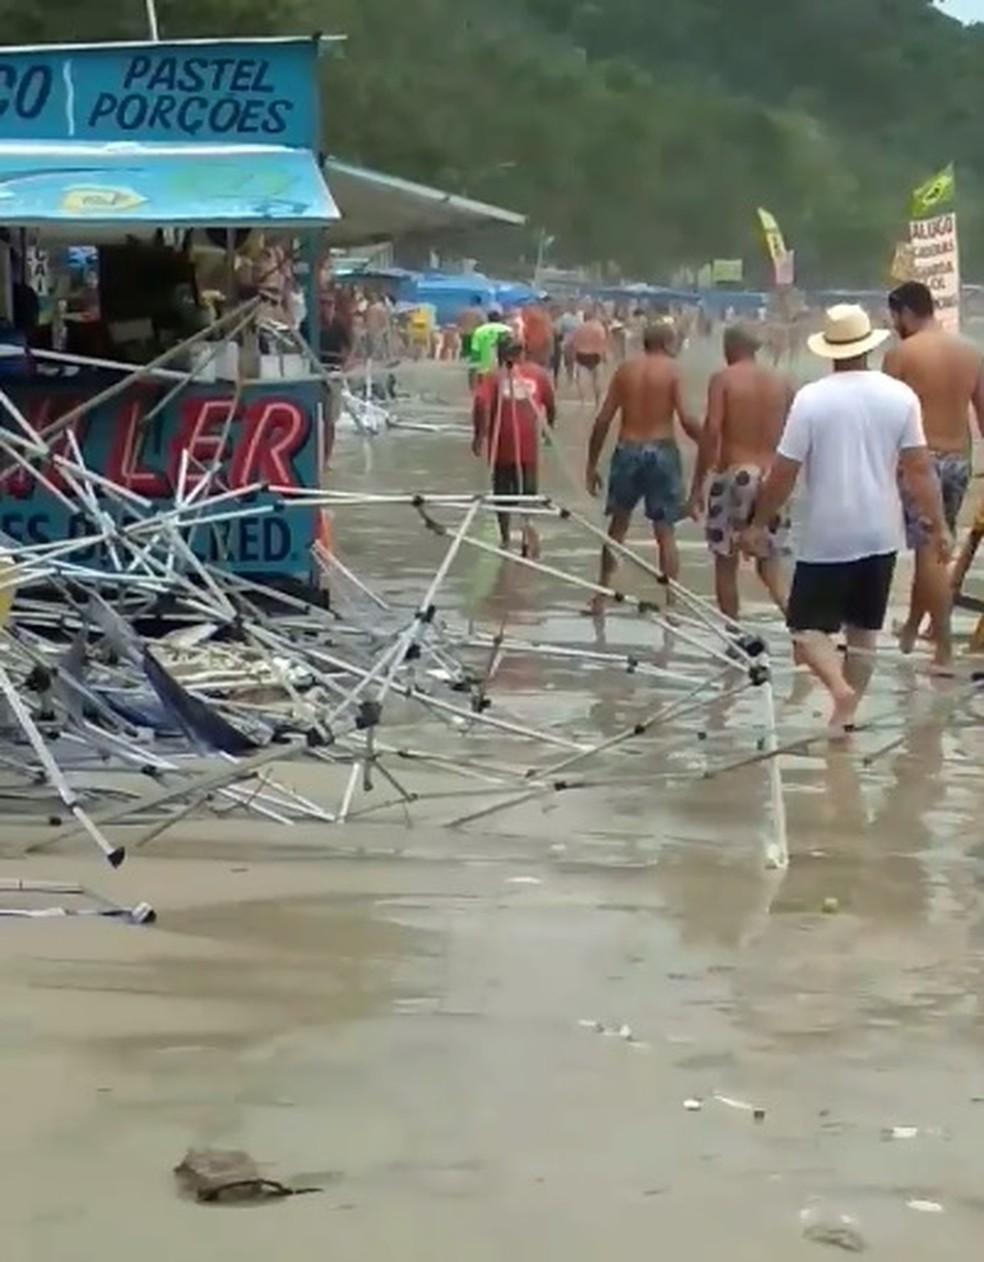 Mar avança em praias de Ubatuba, causa estragos e assusta turistas — Foto: Reprodução/Redes sociais